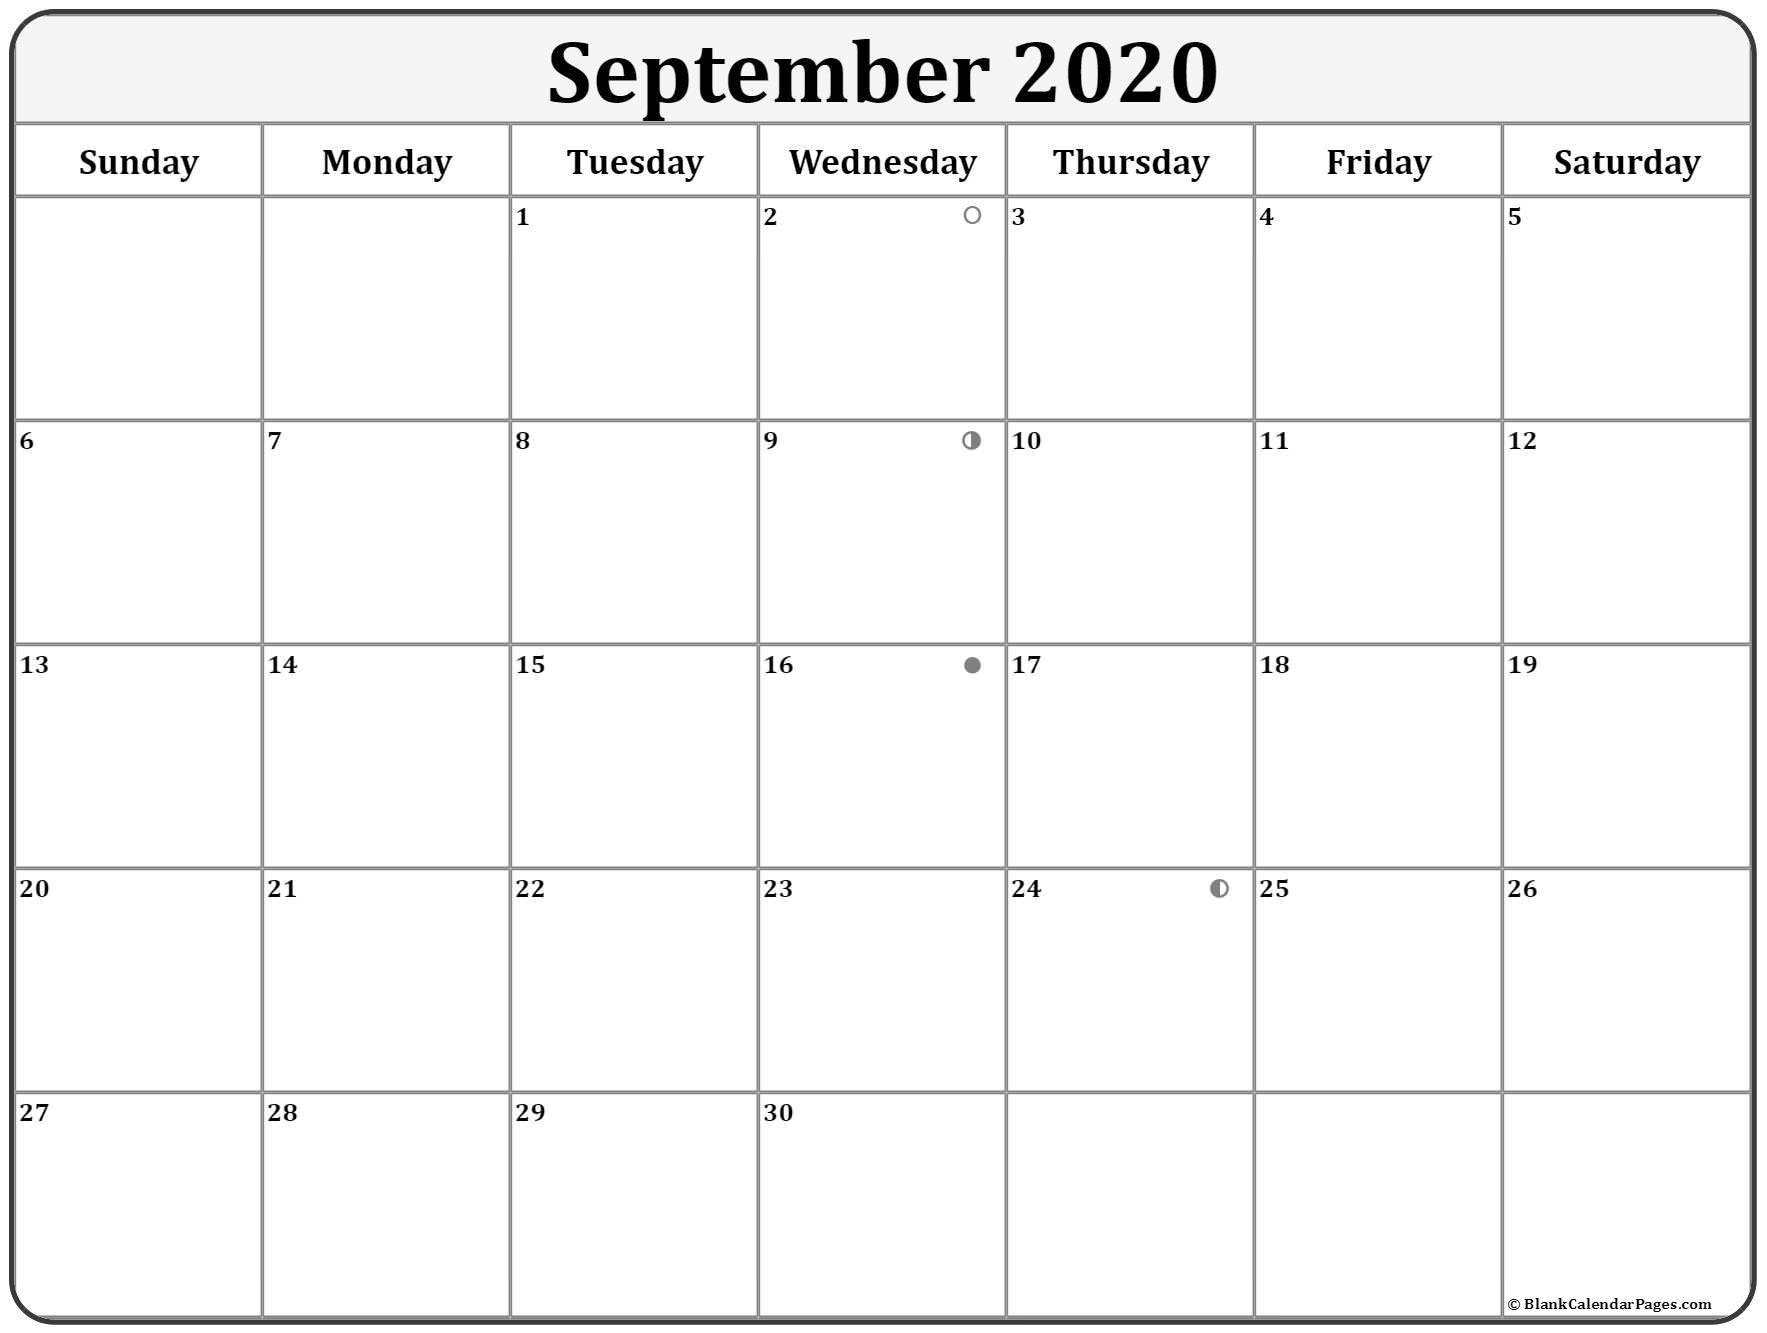 September 2020 Calendar Moon Phases